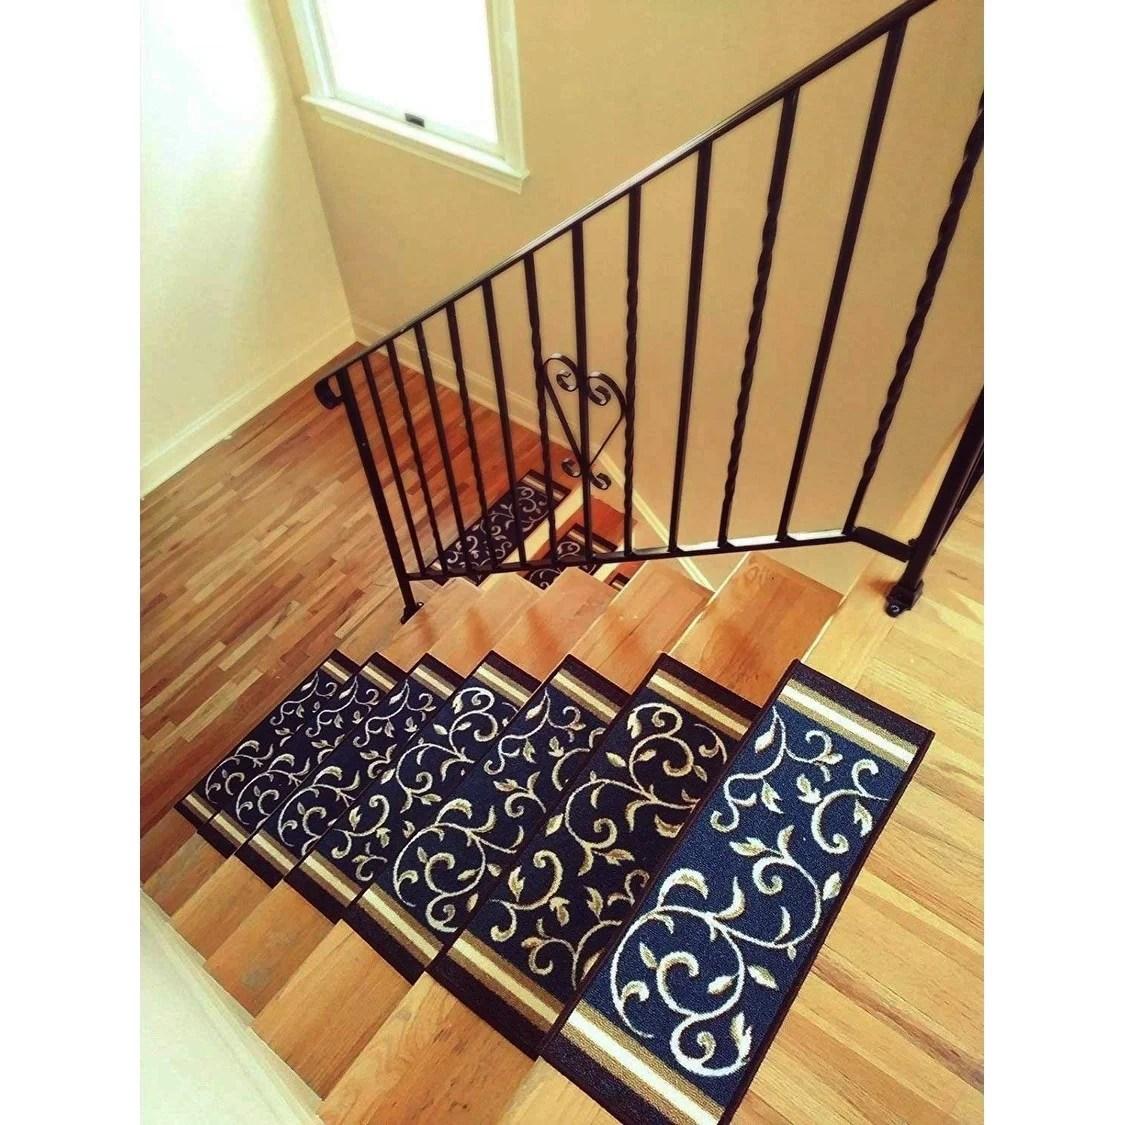 Bekmez International Inc Gloria Rug Stair Treads Non Slip   Non Slip Stair Rugs   Bullnose Carpet   Carpet Rug   Mat   Stair Runners   Tread Covers